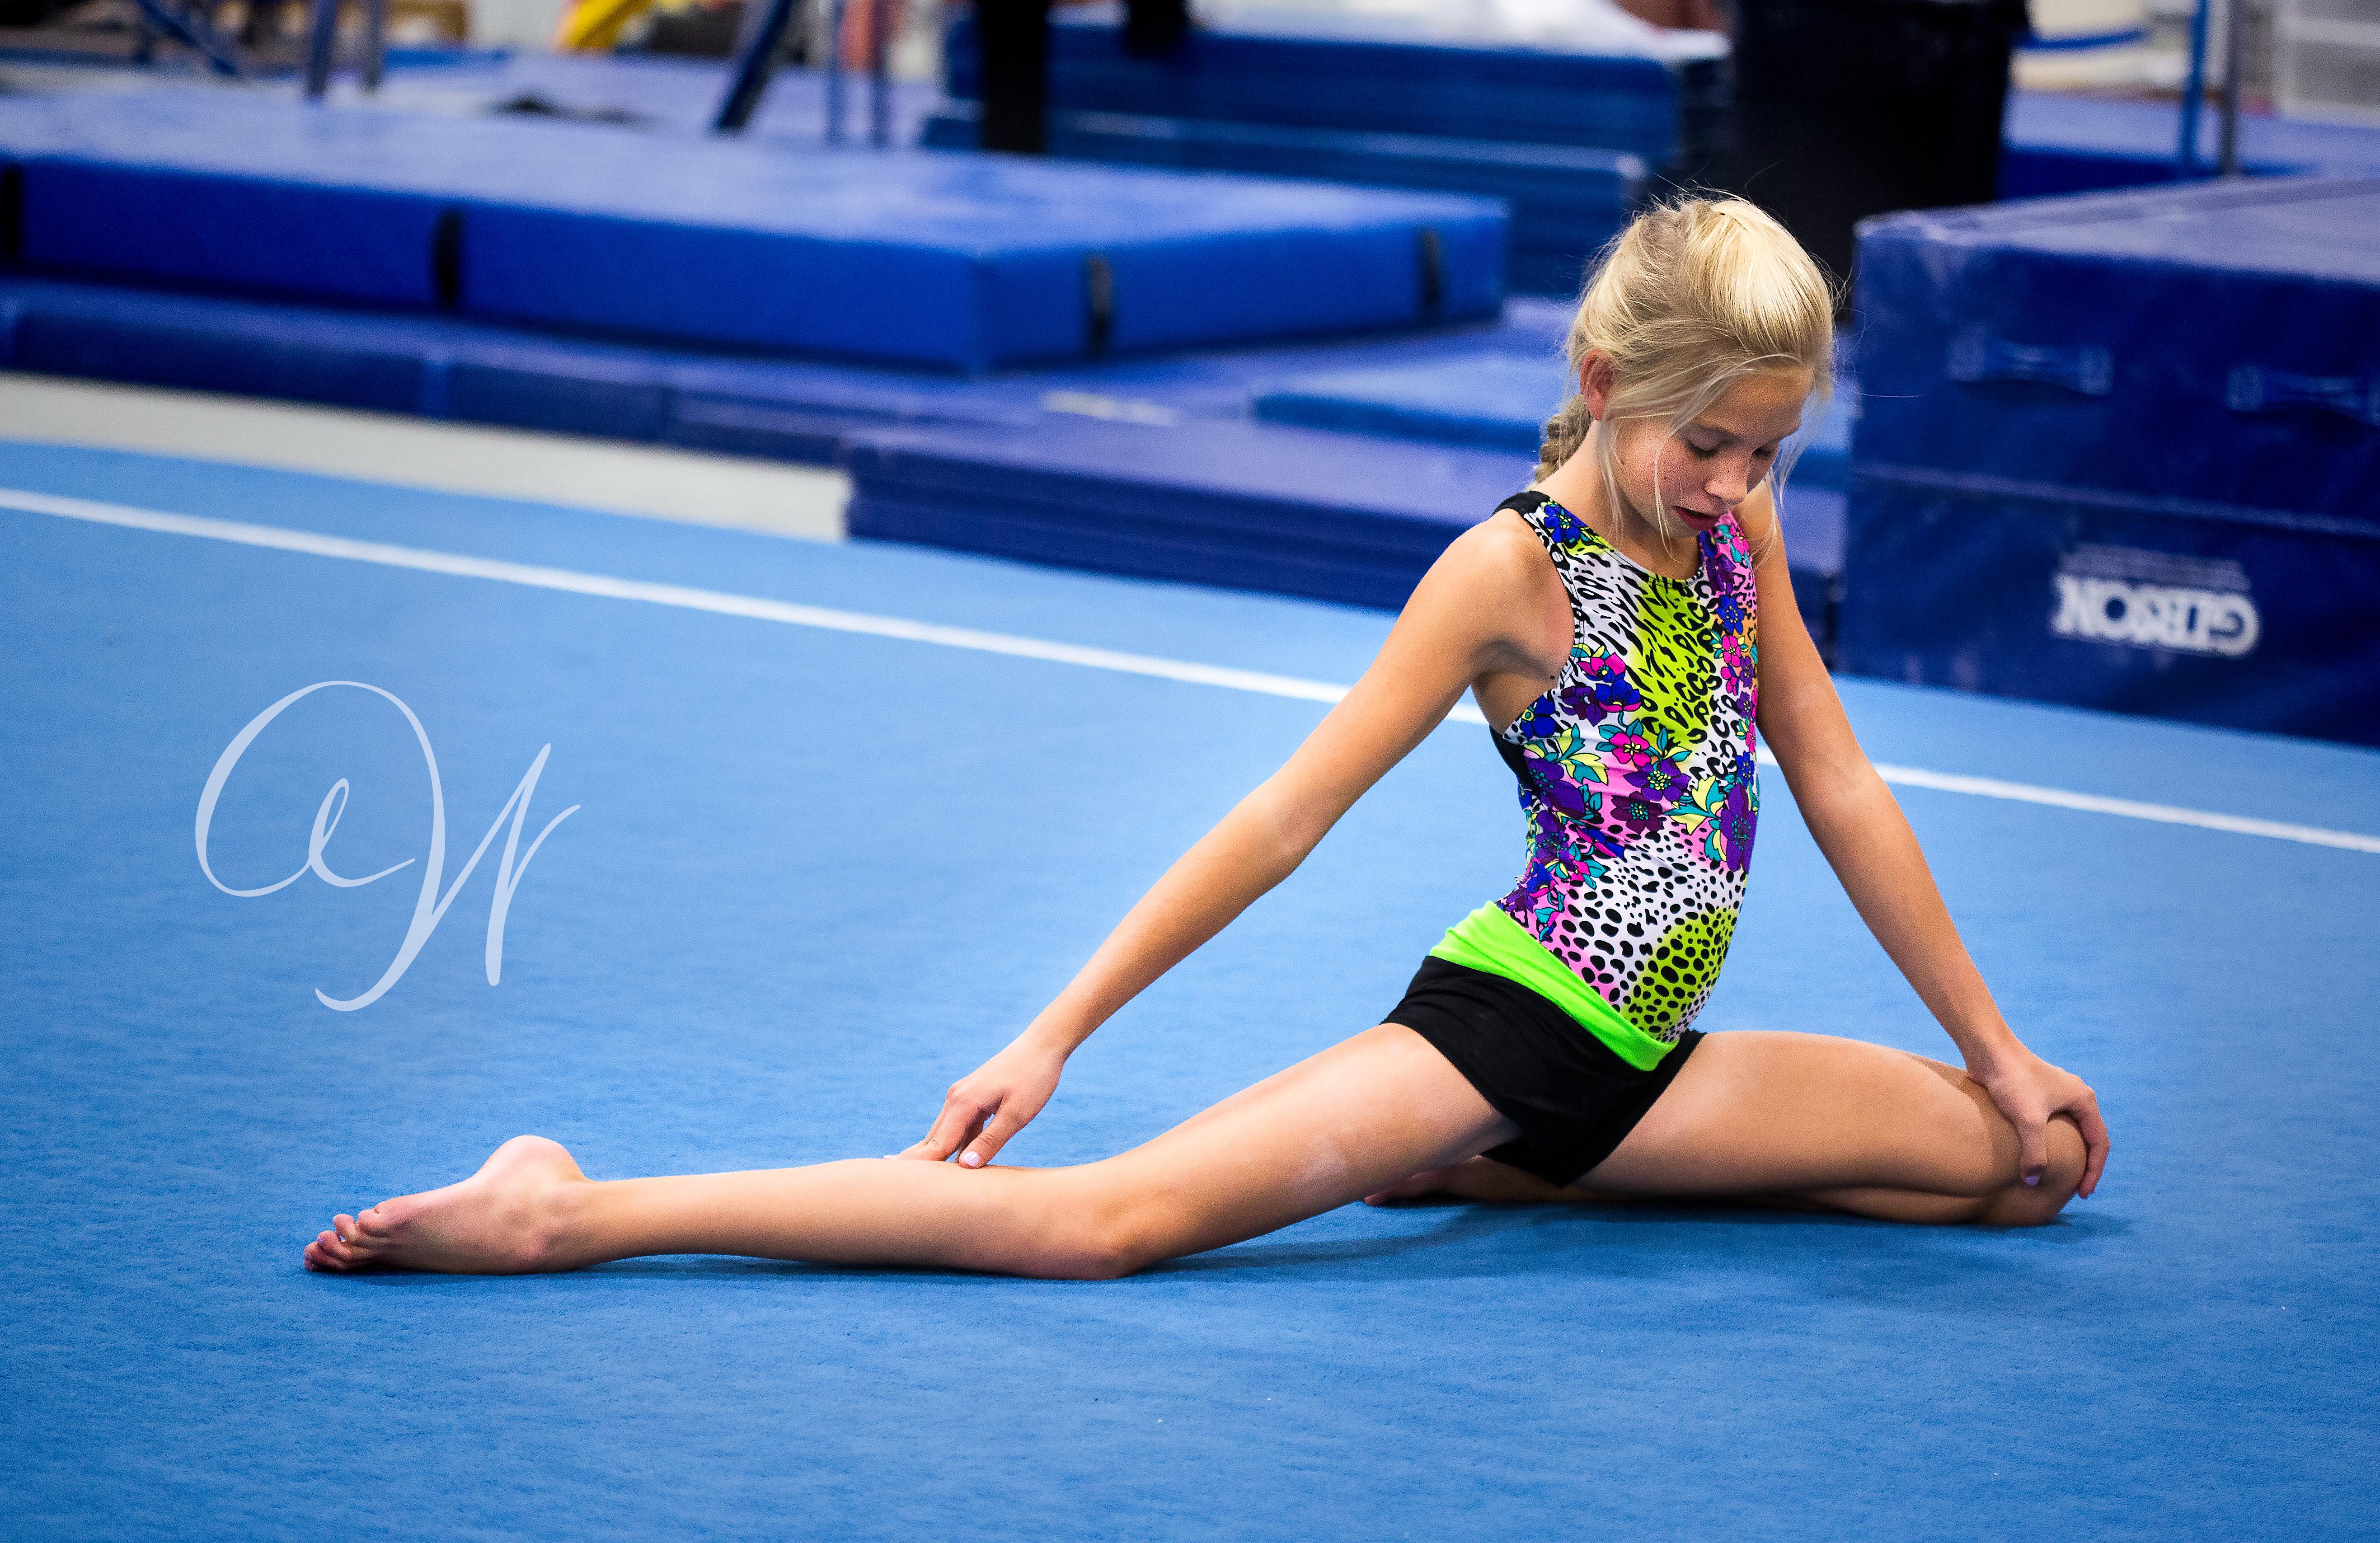 Frontier Gymnastics